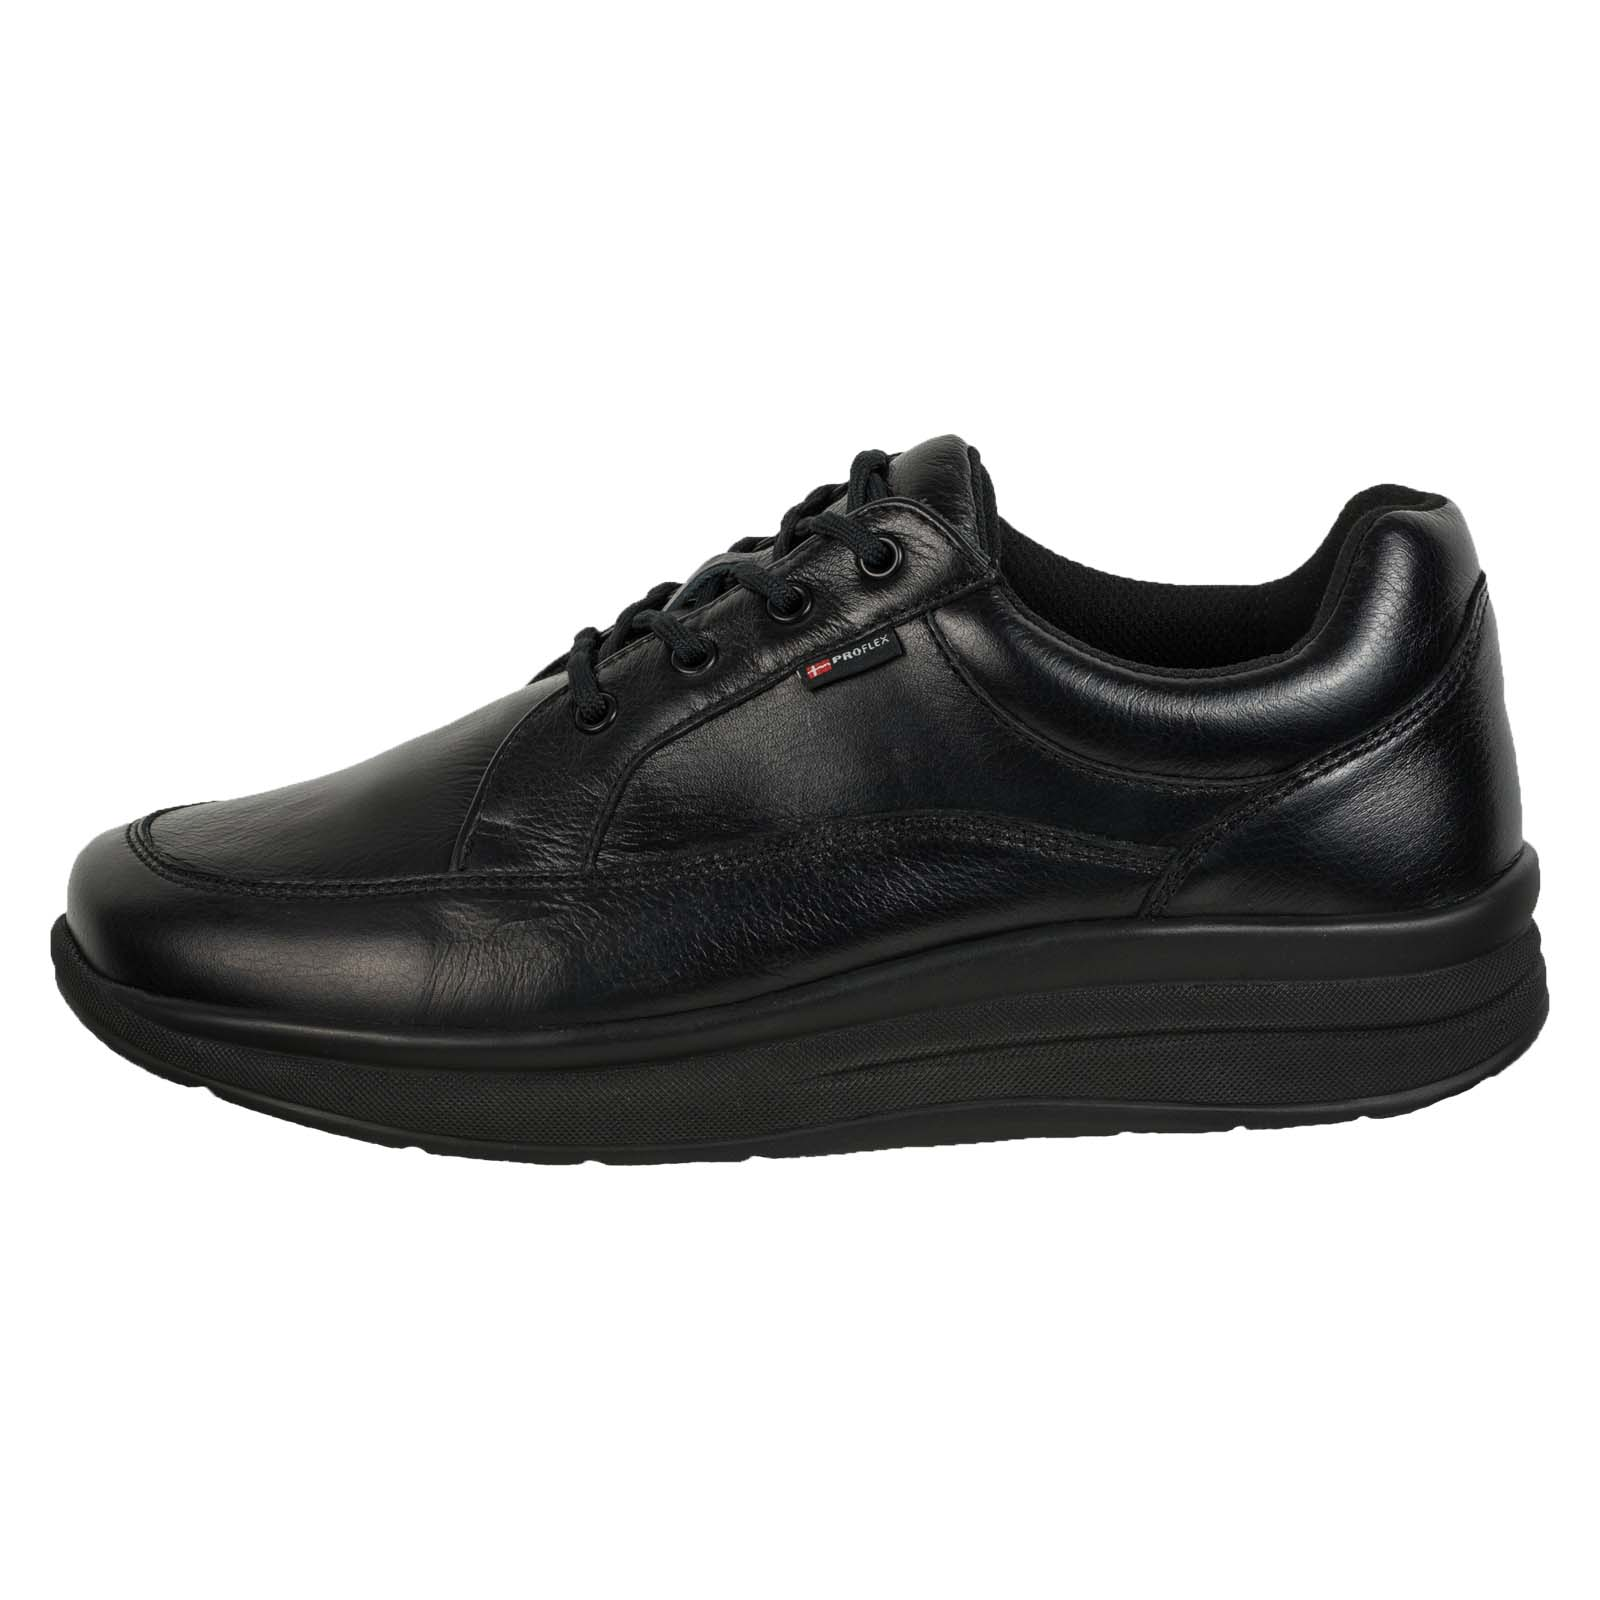 Proflex heren comfortsneaker in zwart leer en zwart suede met een zwarte zool (1024-300-0)